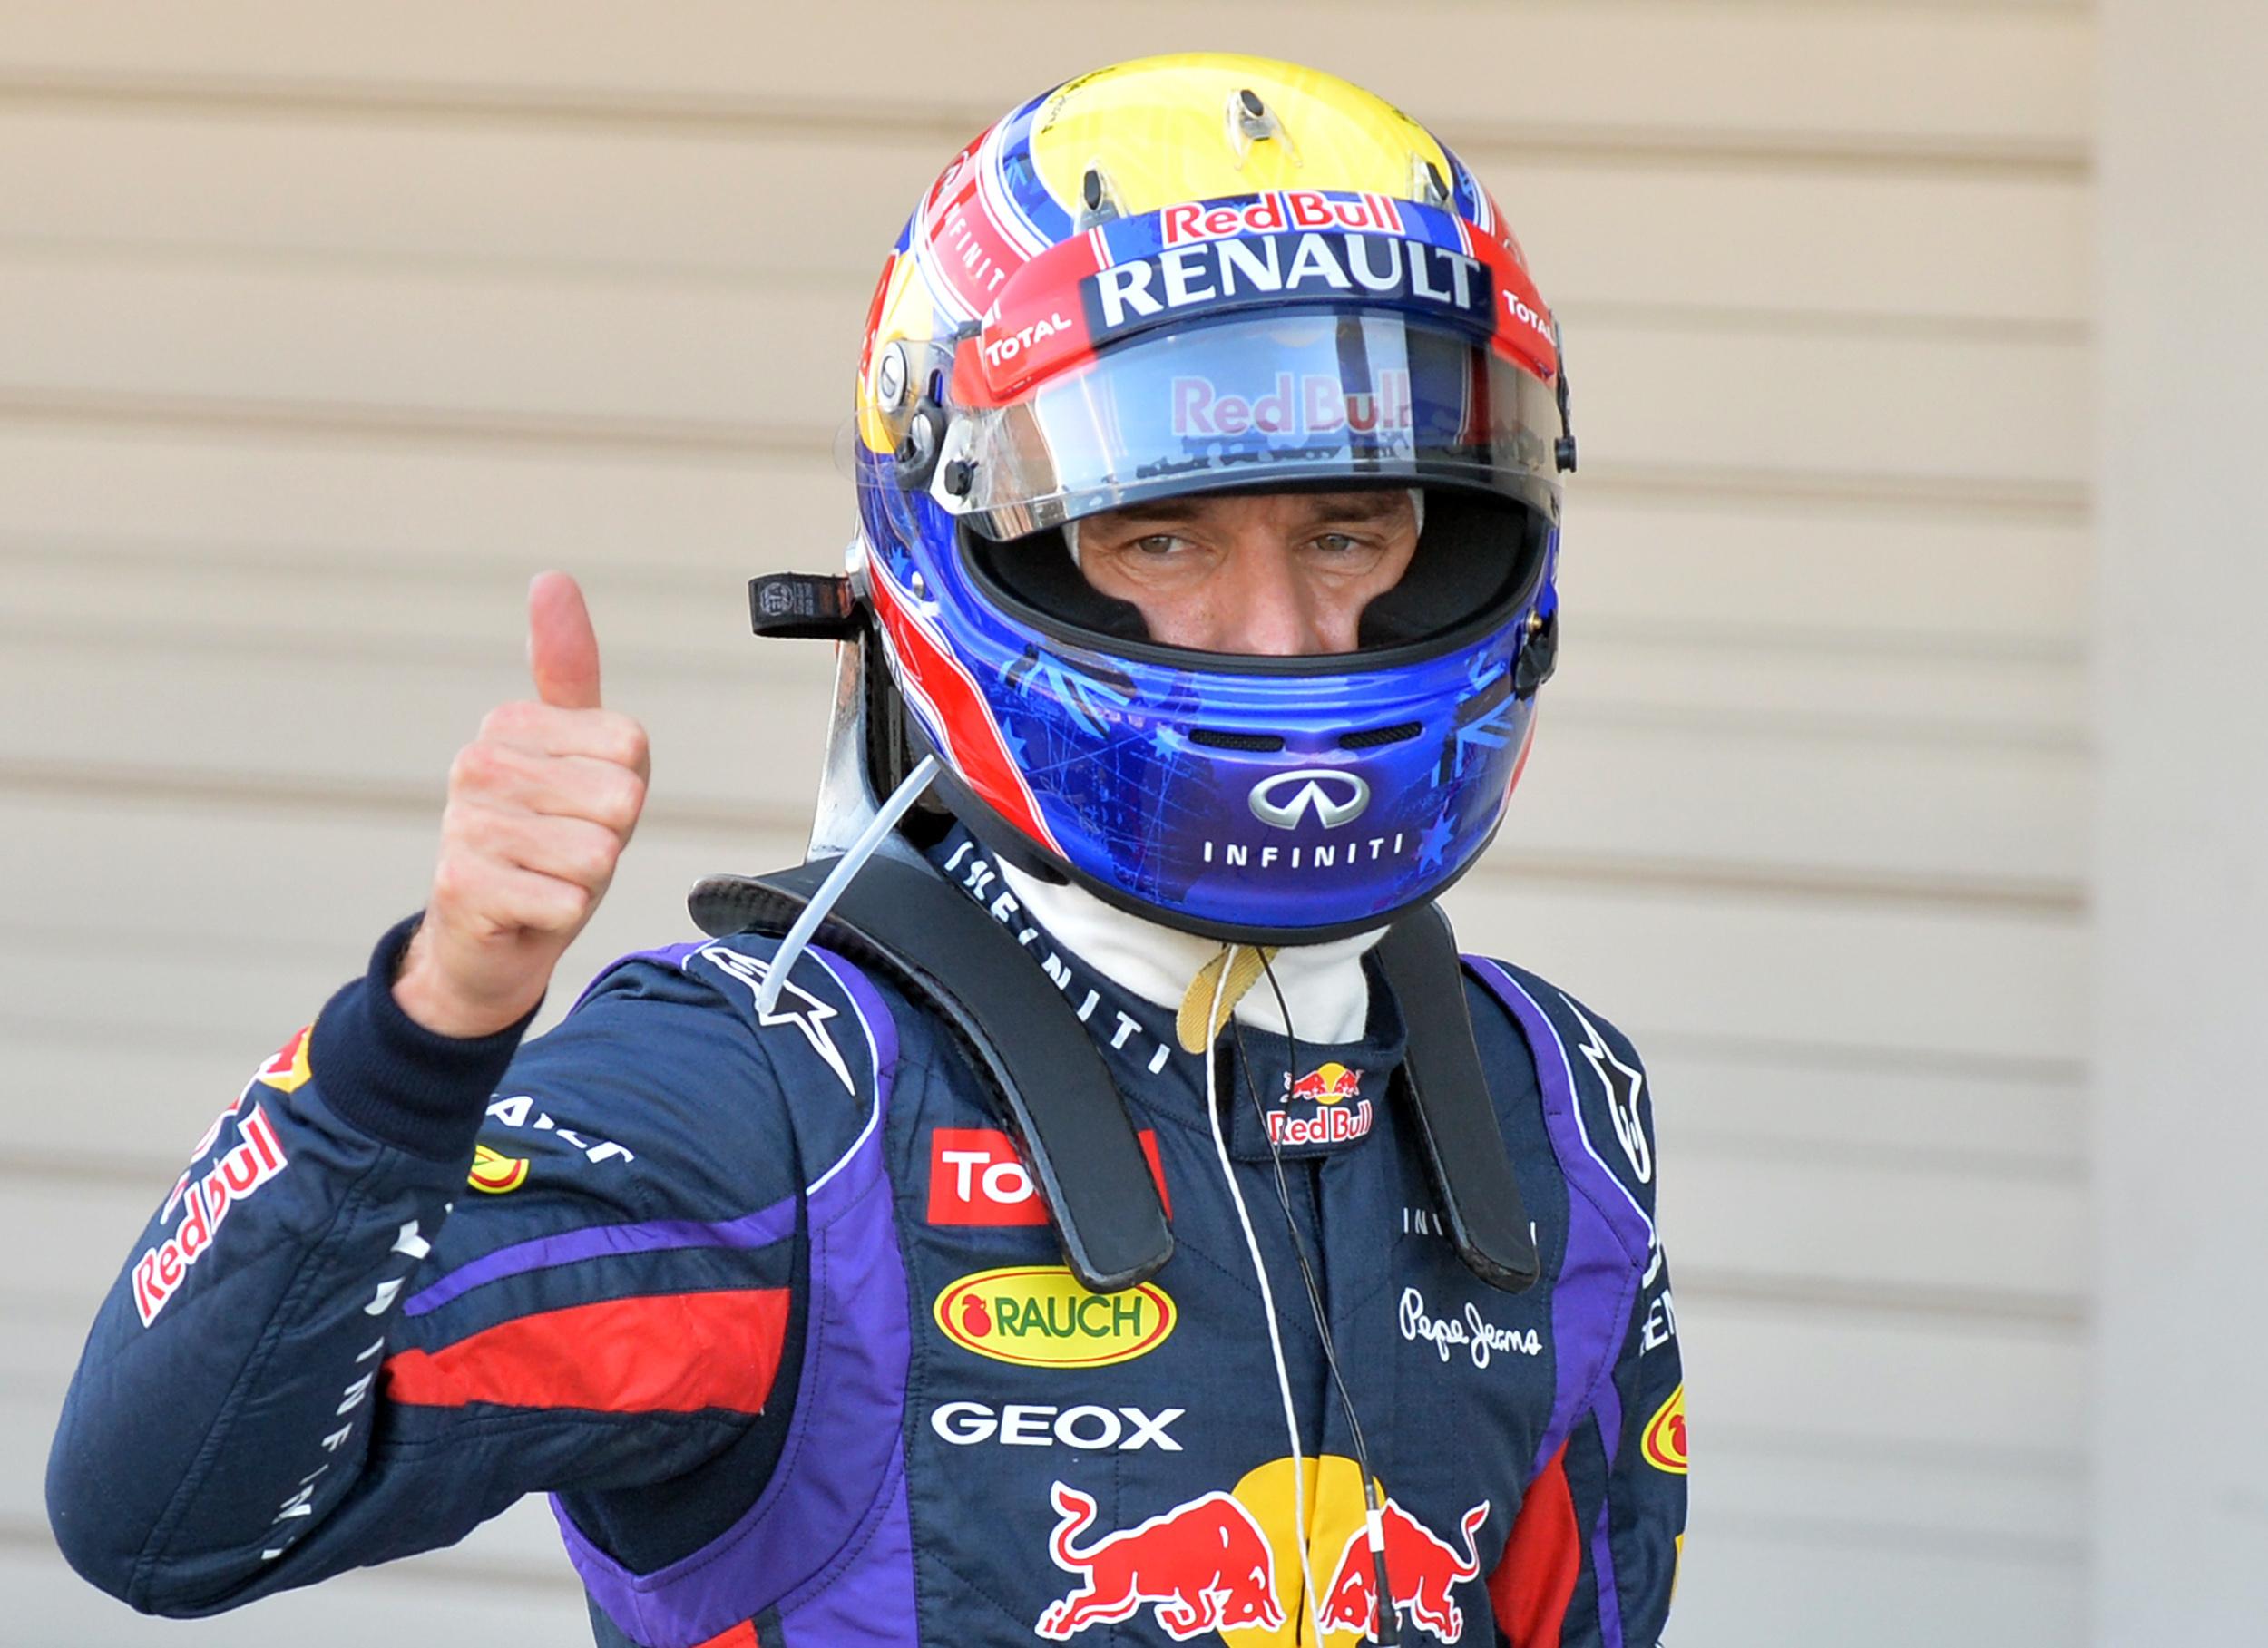 Mark Webber delighted at beating Sebastian Vettel to Japanese Grand Prix pole